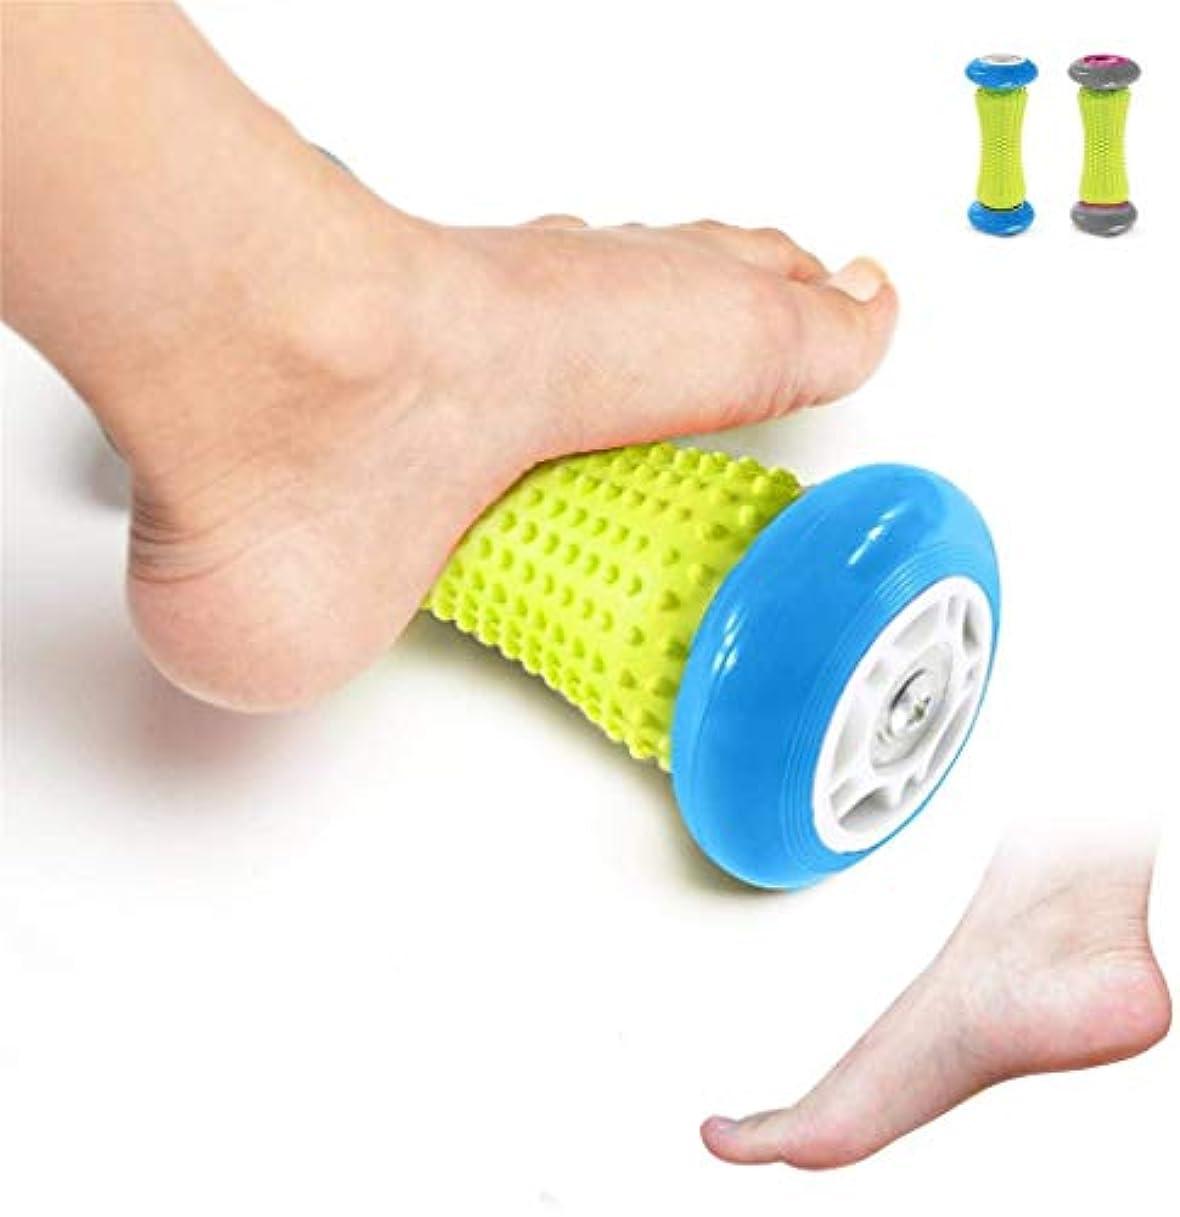 ローン平和な訪問フットマッサージローラー - 筋肉ローラースティック - 足底筋膜炎のための手首と前腕運動ローラー (Color : 青)